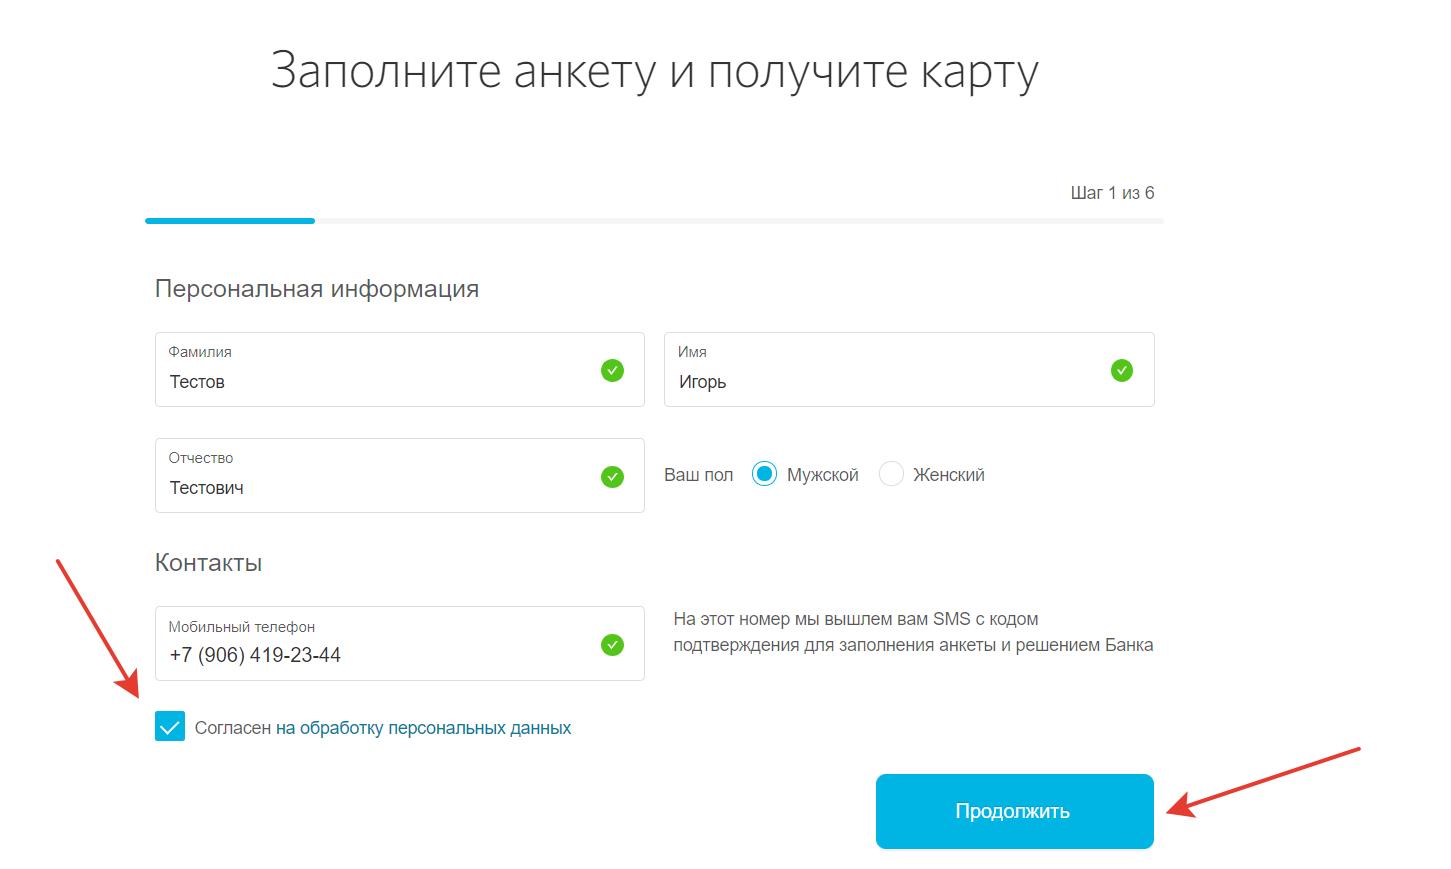 Начать заполнять анкету, введя личные данные